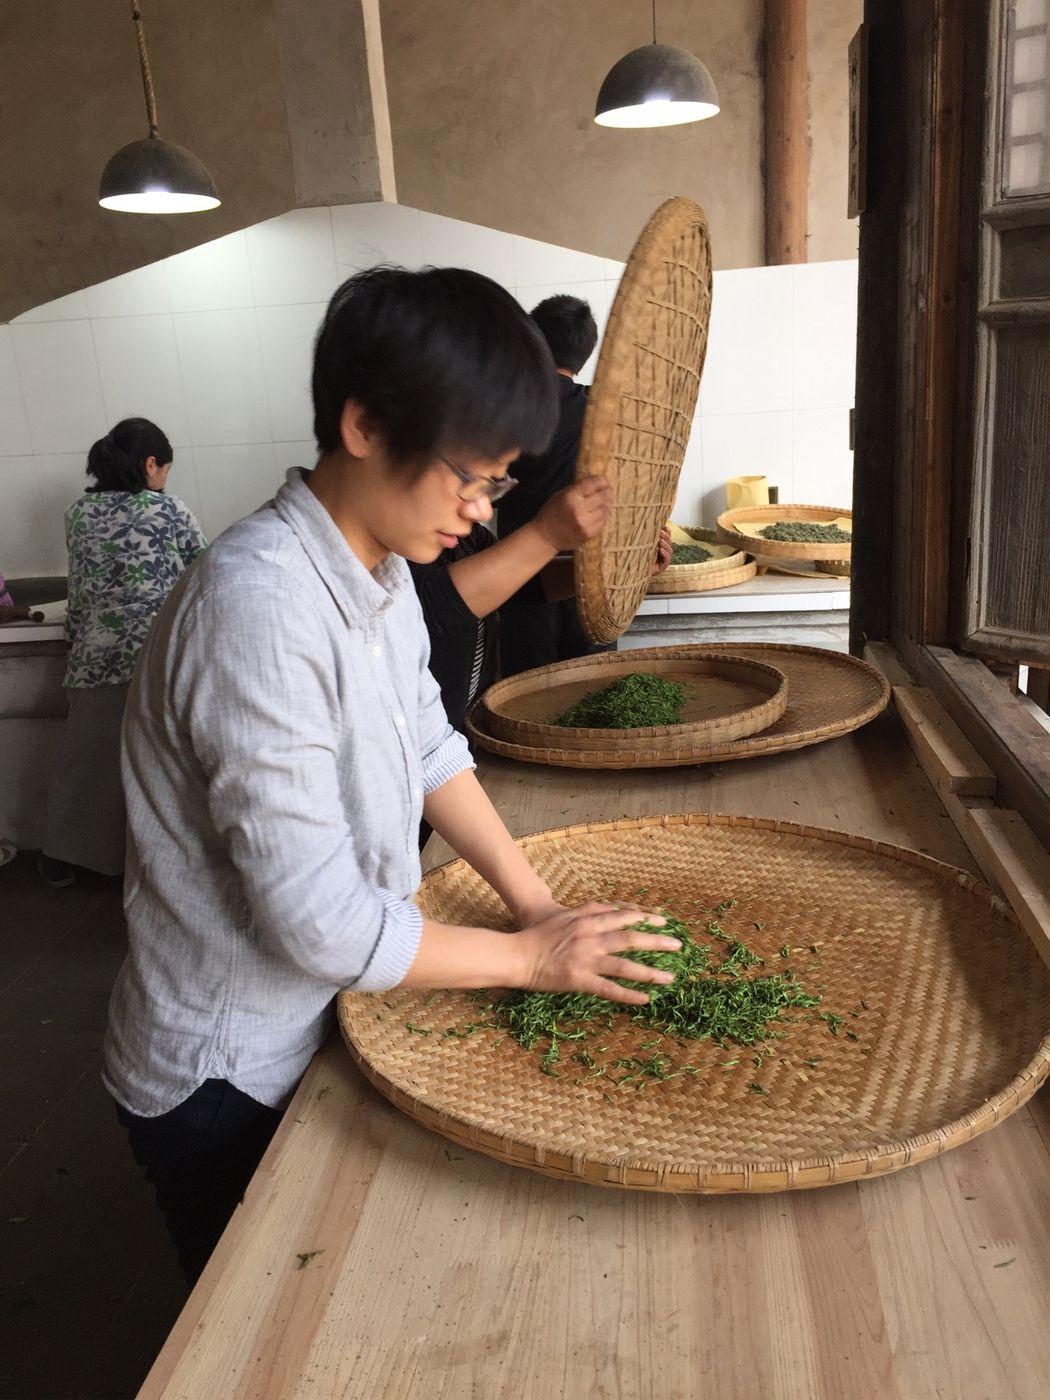 JiJi is preparing tea leaves